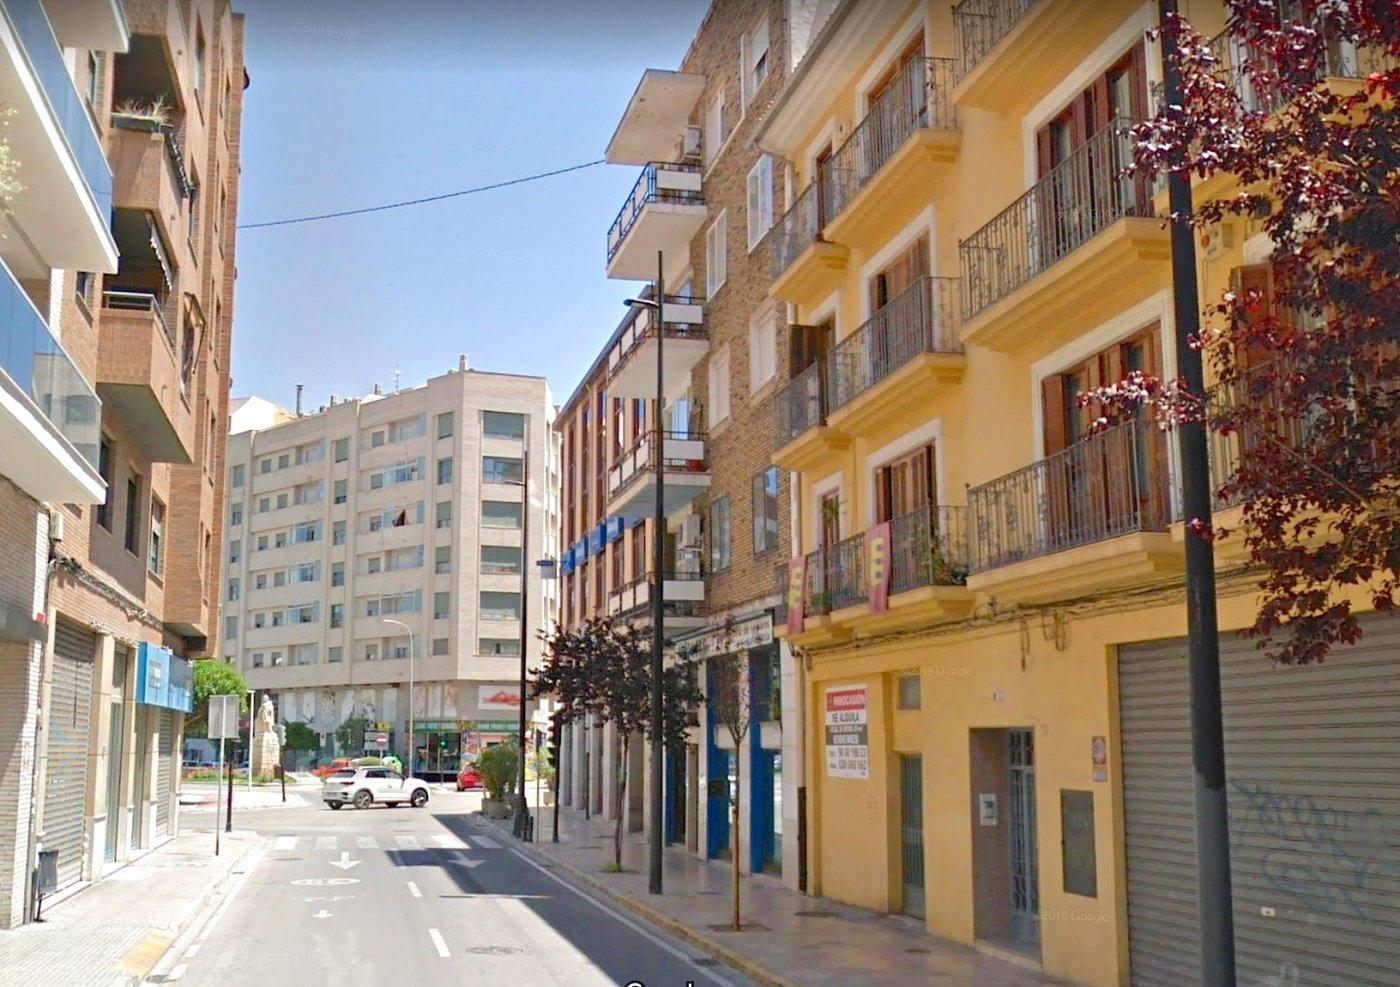 Piso céntrico en venta en calle alzira, 5, 46701, gandia (valencia) - imagenInmueble6